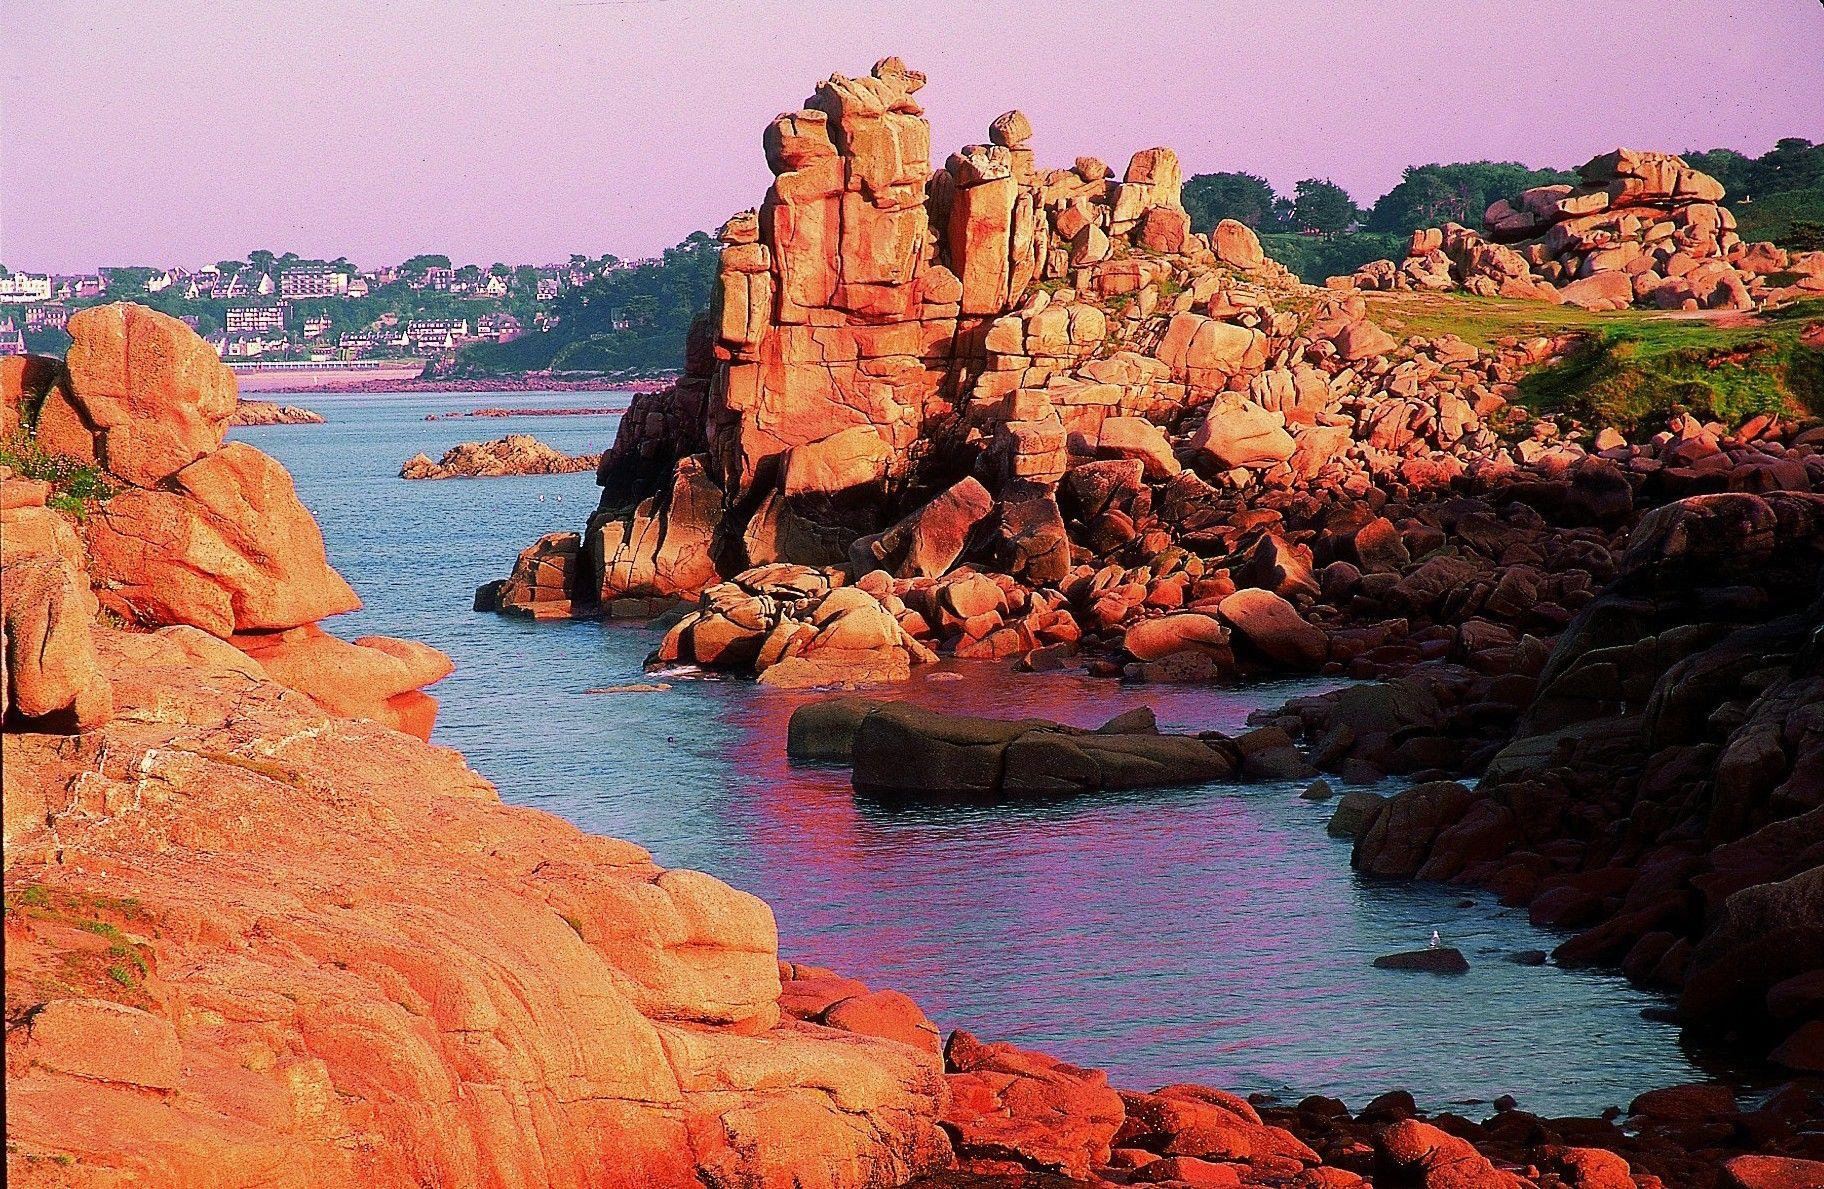 La Cote De Granit Rose Bretagne Lannion France Sejournez Dans Nos Residences Hotelieres Cerise Et Paysage Insolite Paysage France Bretagne